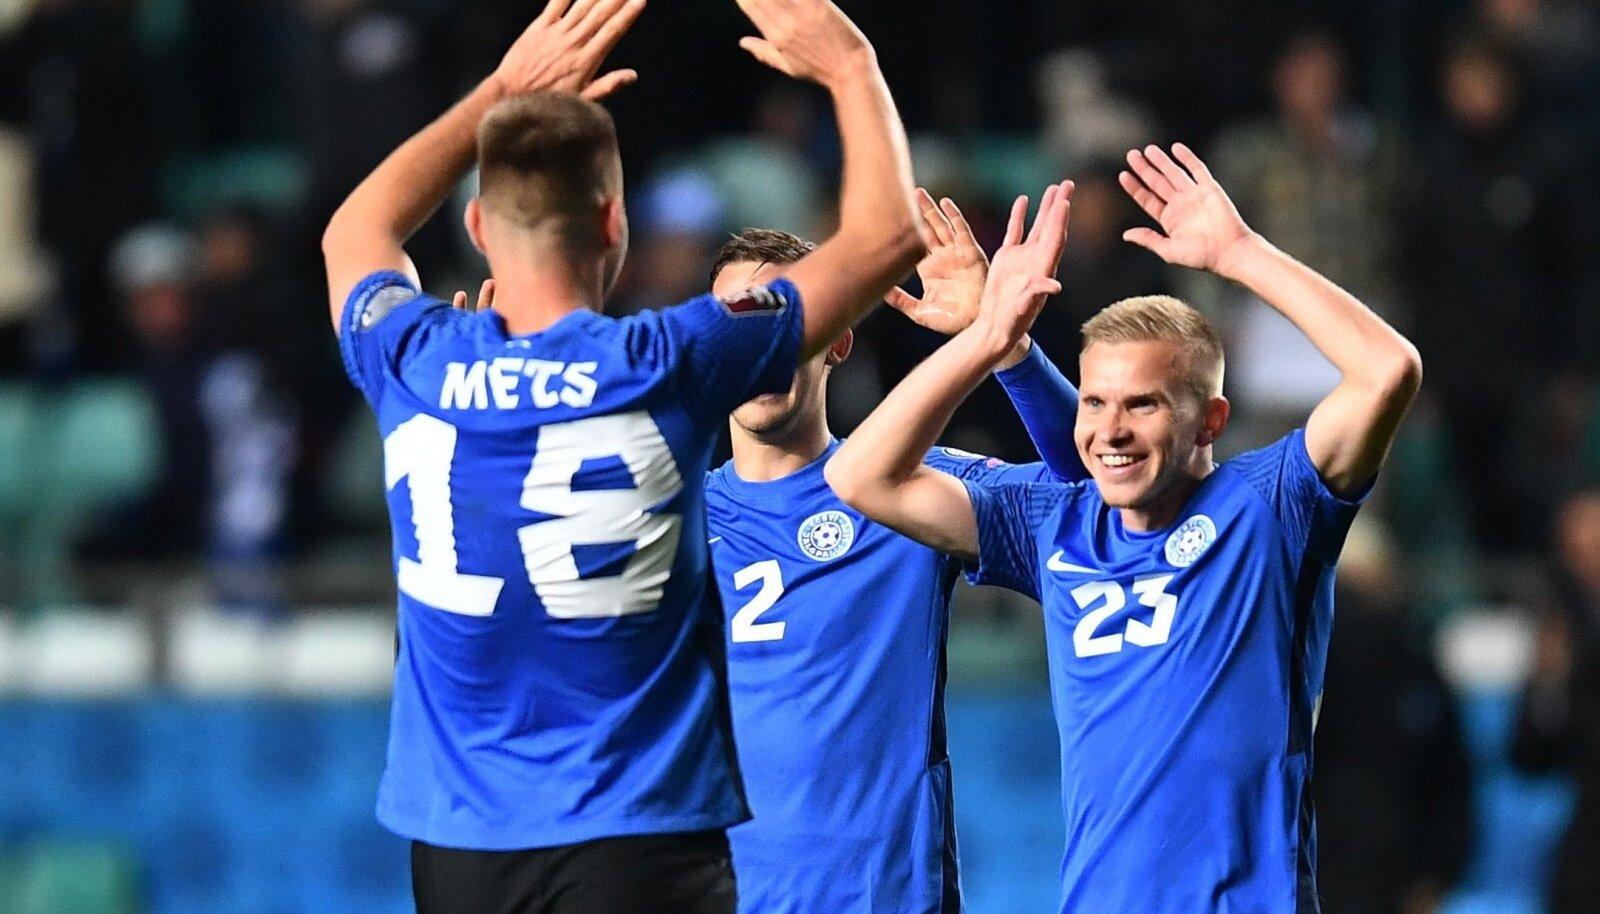 Eesti jalgpallikoondis loodab reedel saadud hea emotsiooni jõul näpistada ka Walesi.